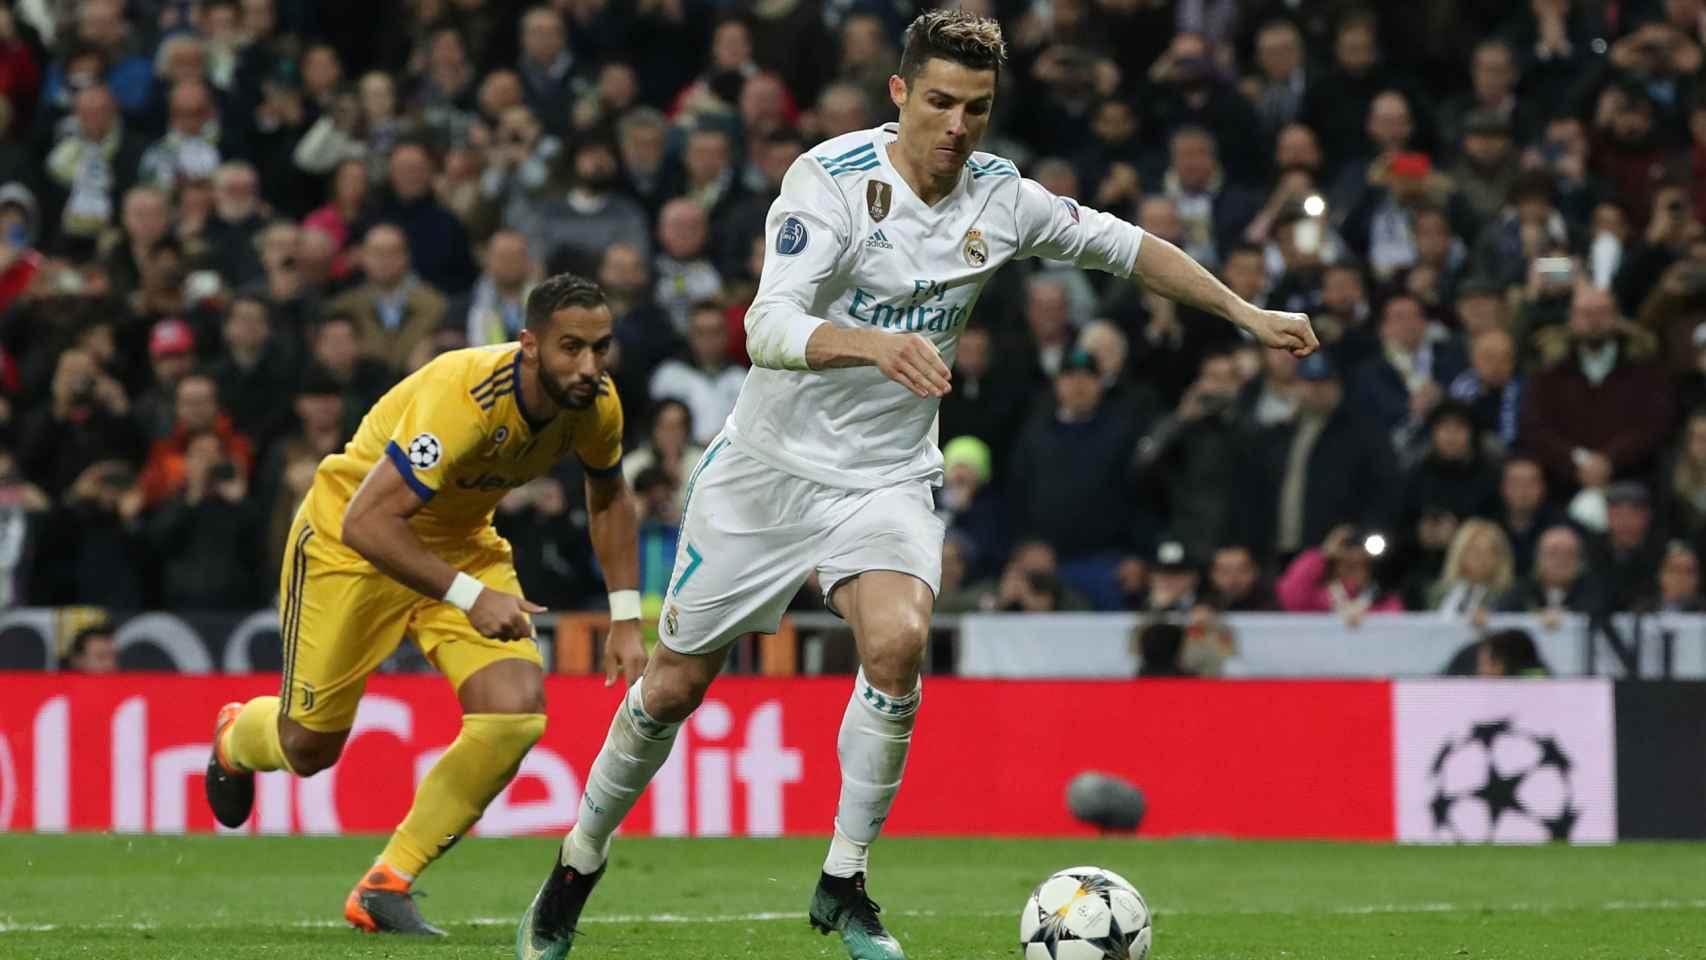 Cristiano Ronaldo en el momento del lanzamiento del penalti.